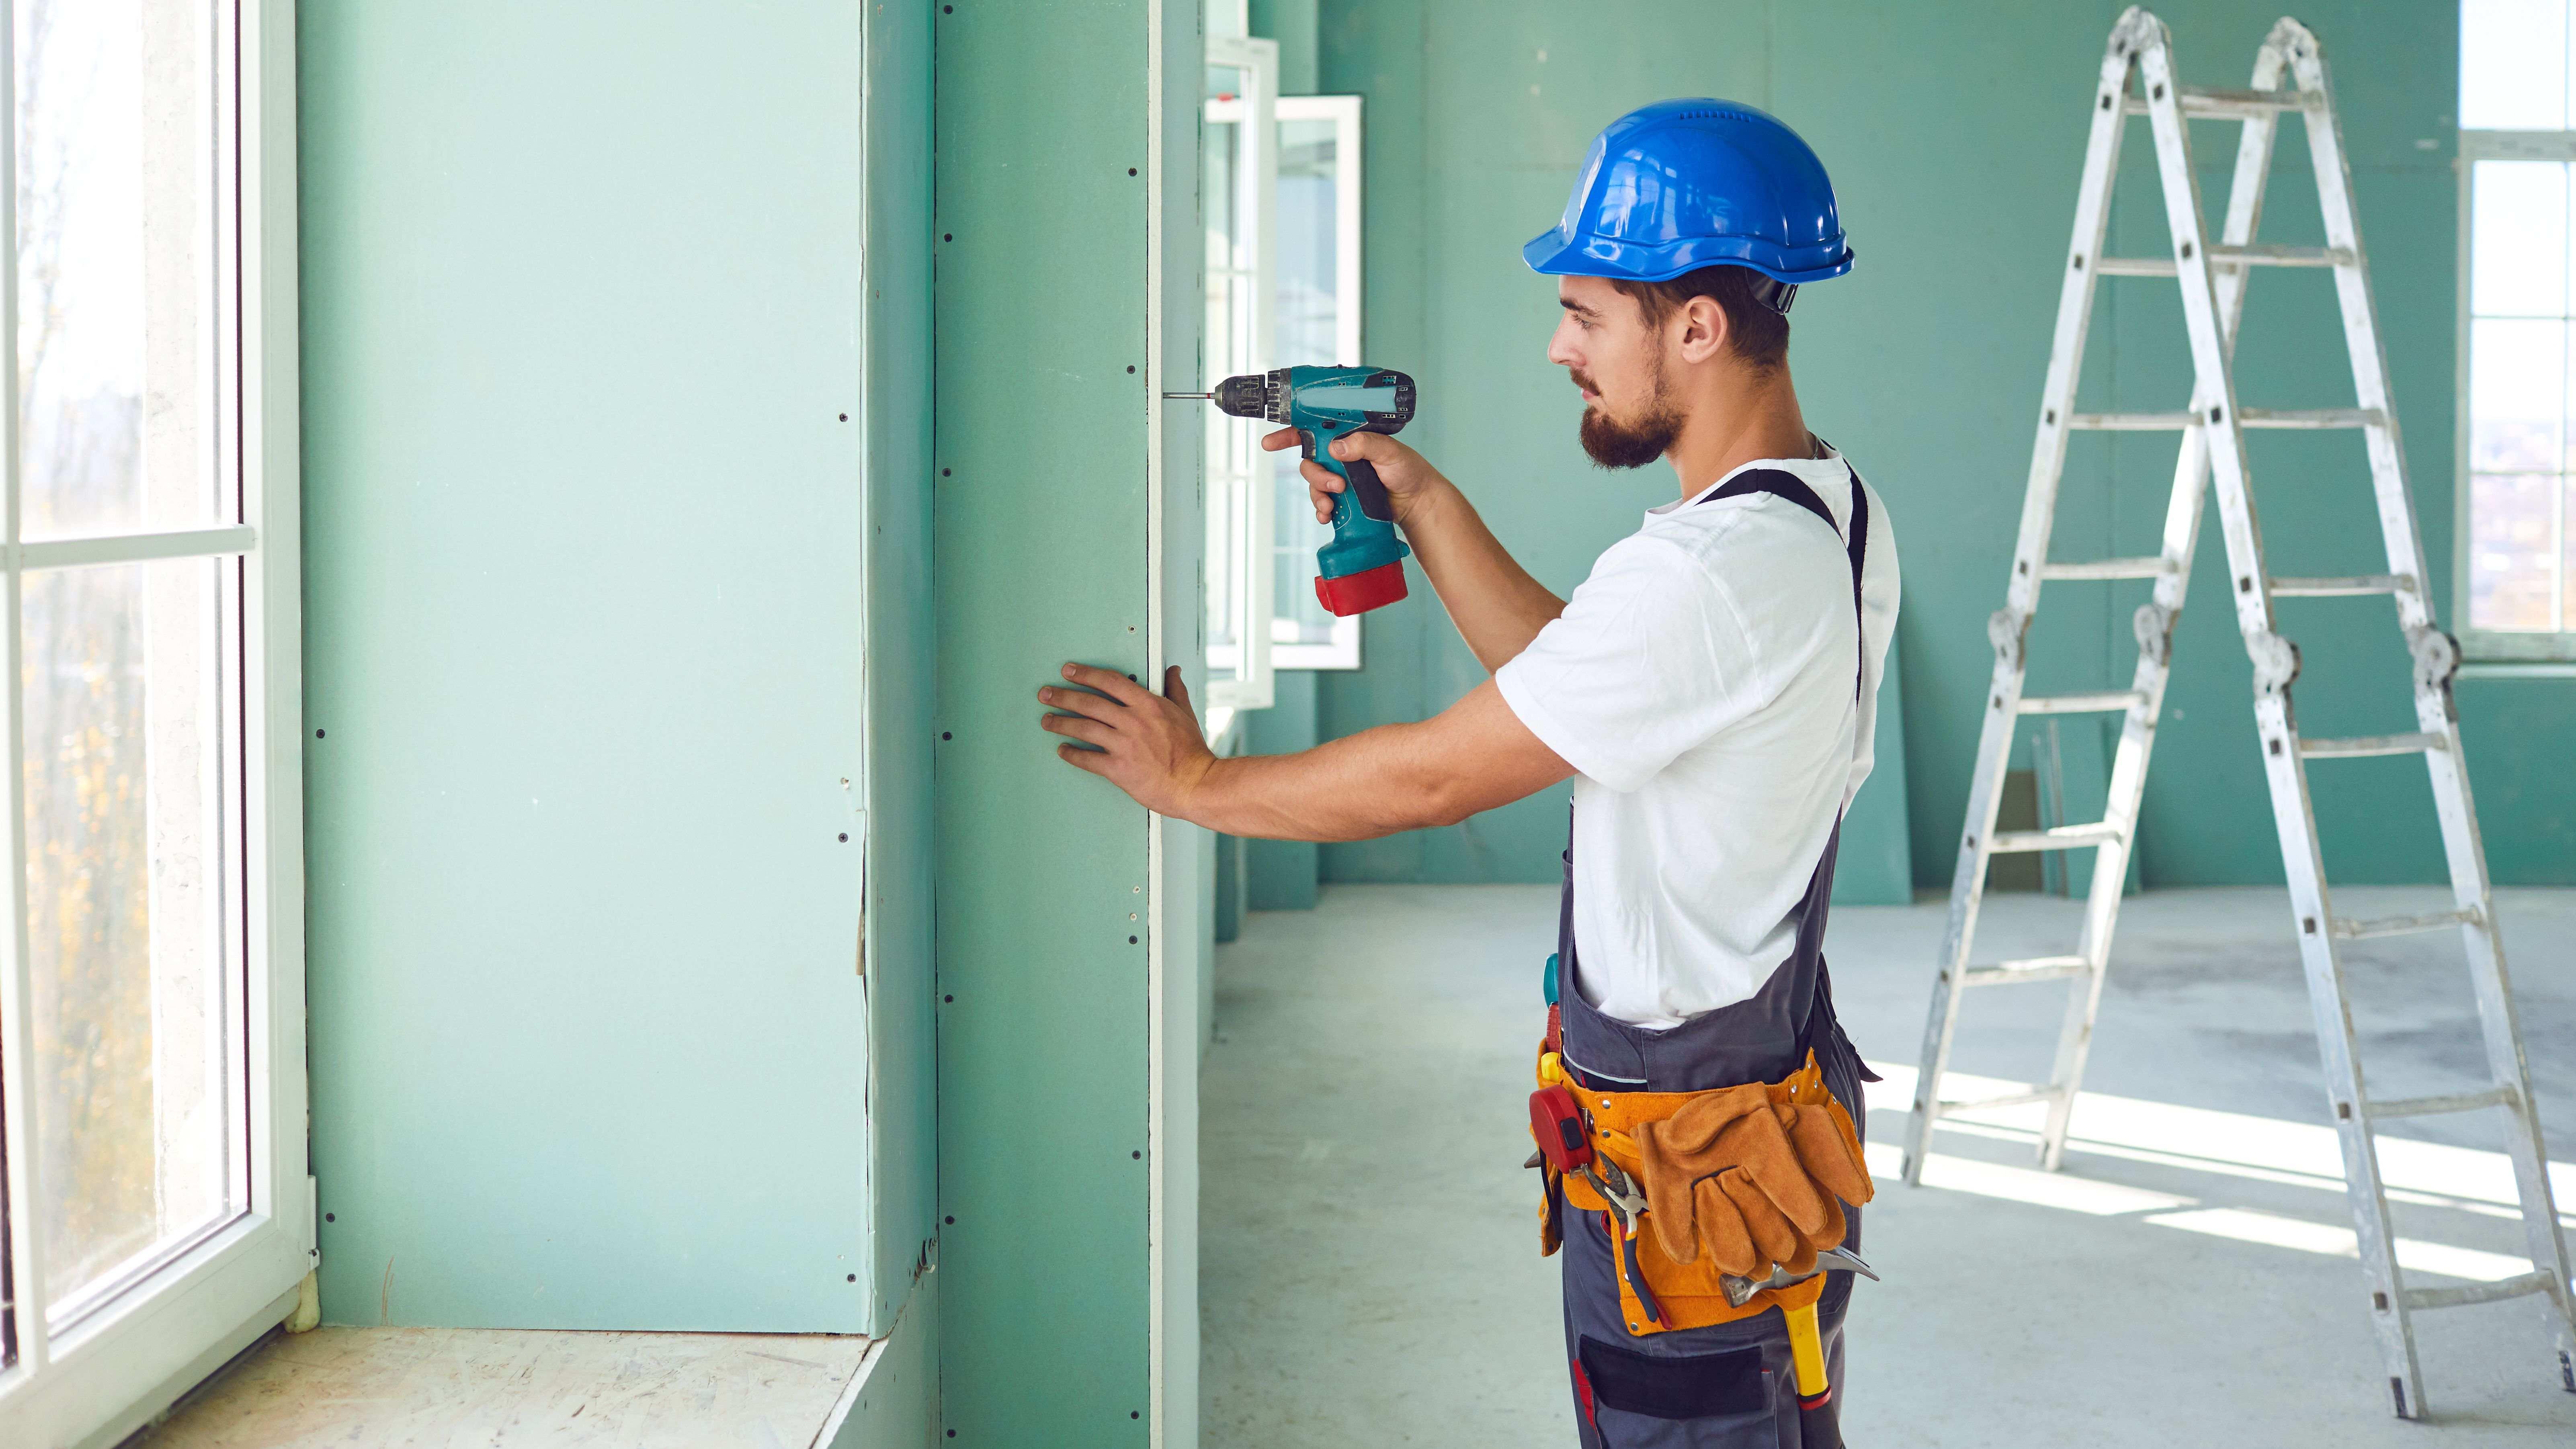 EPI du plâtrier plaquiste : les équipements de protection individuelle indispensables